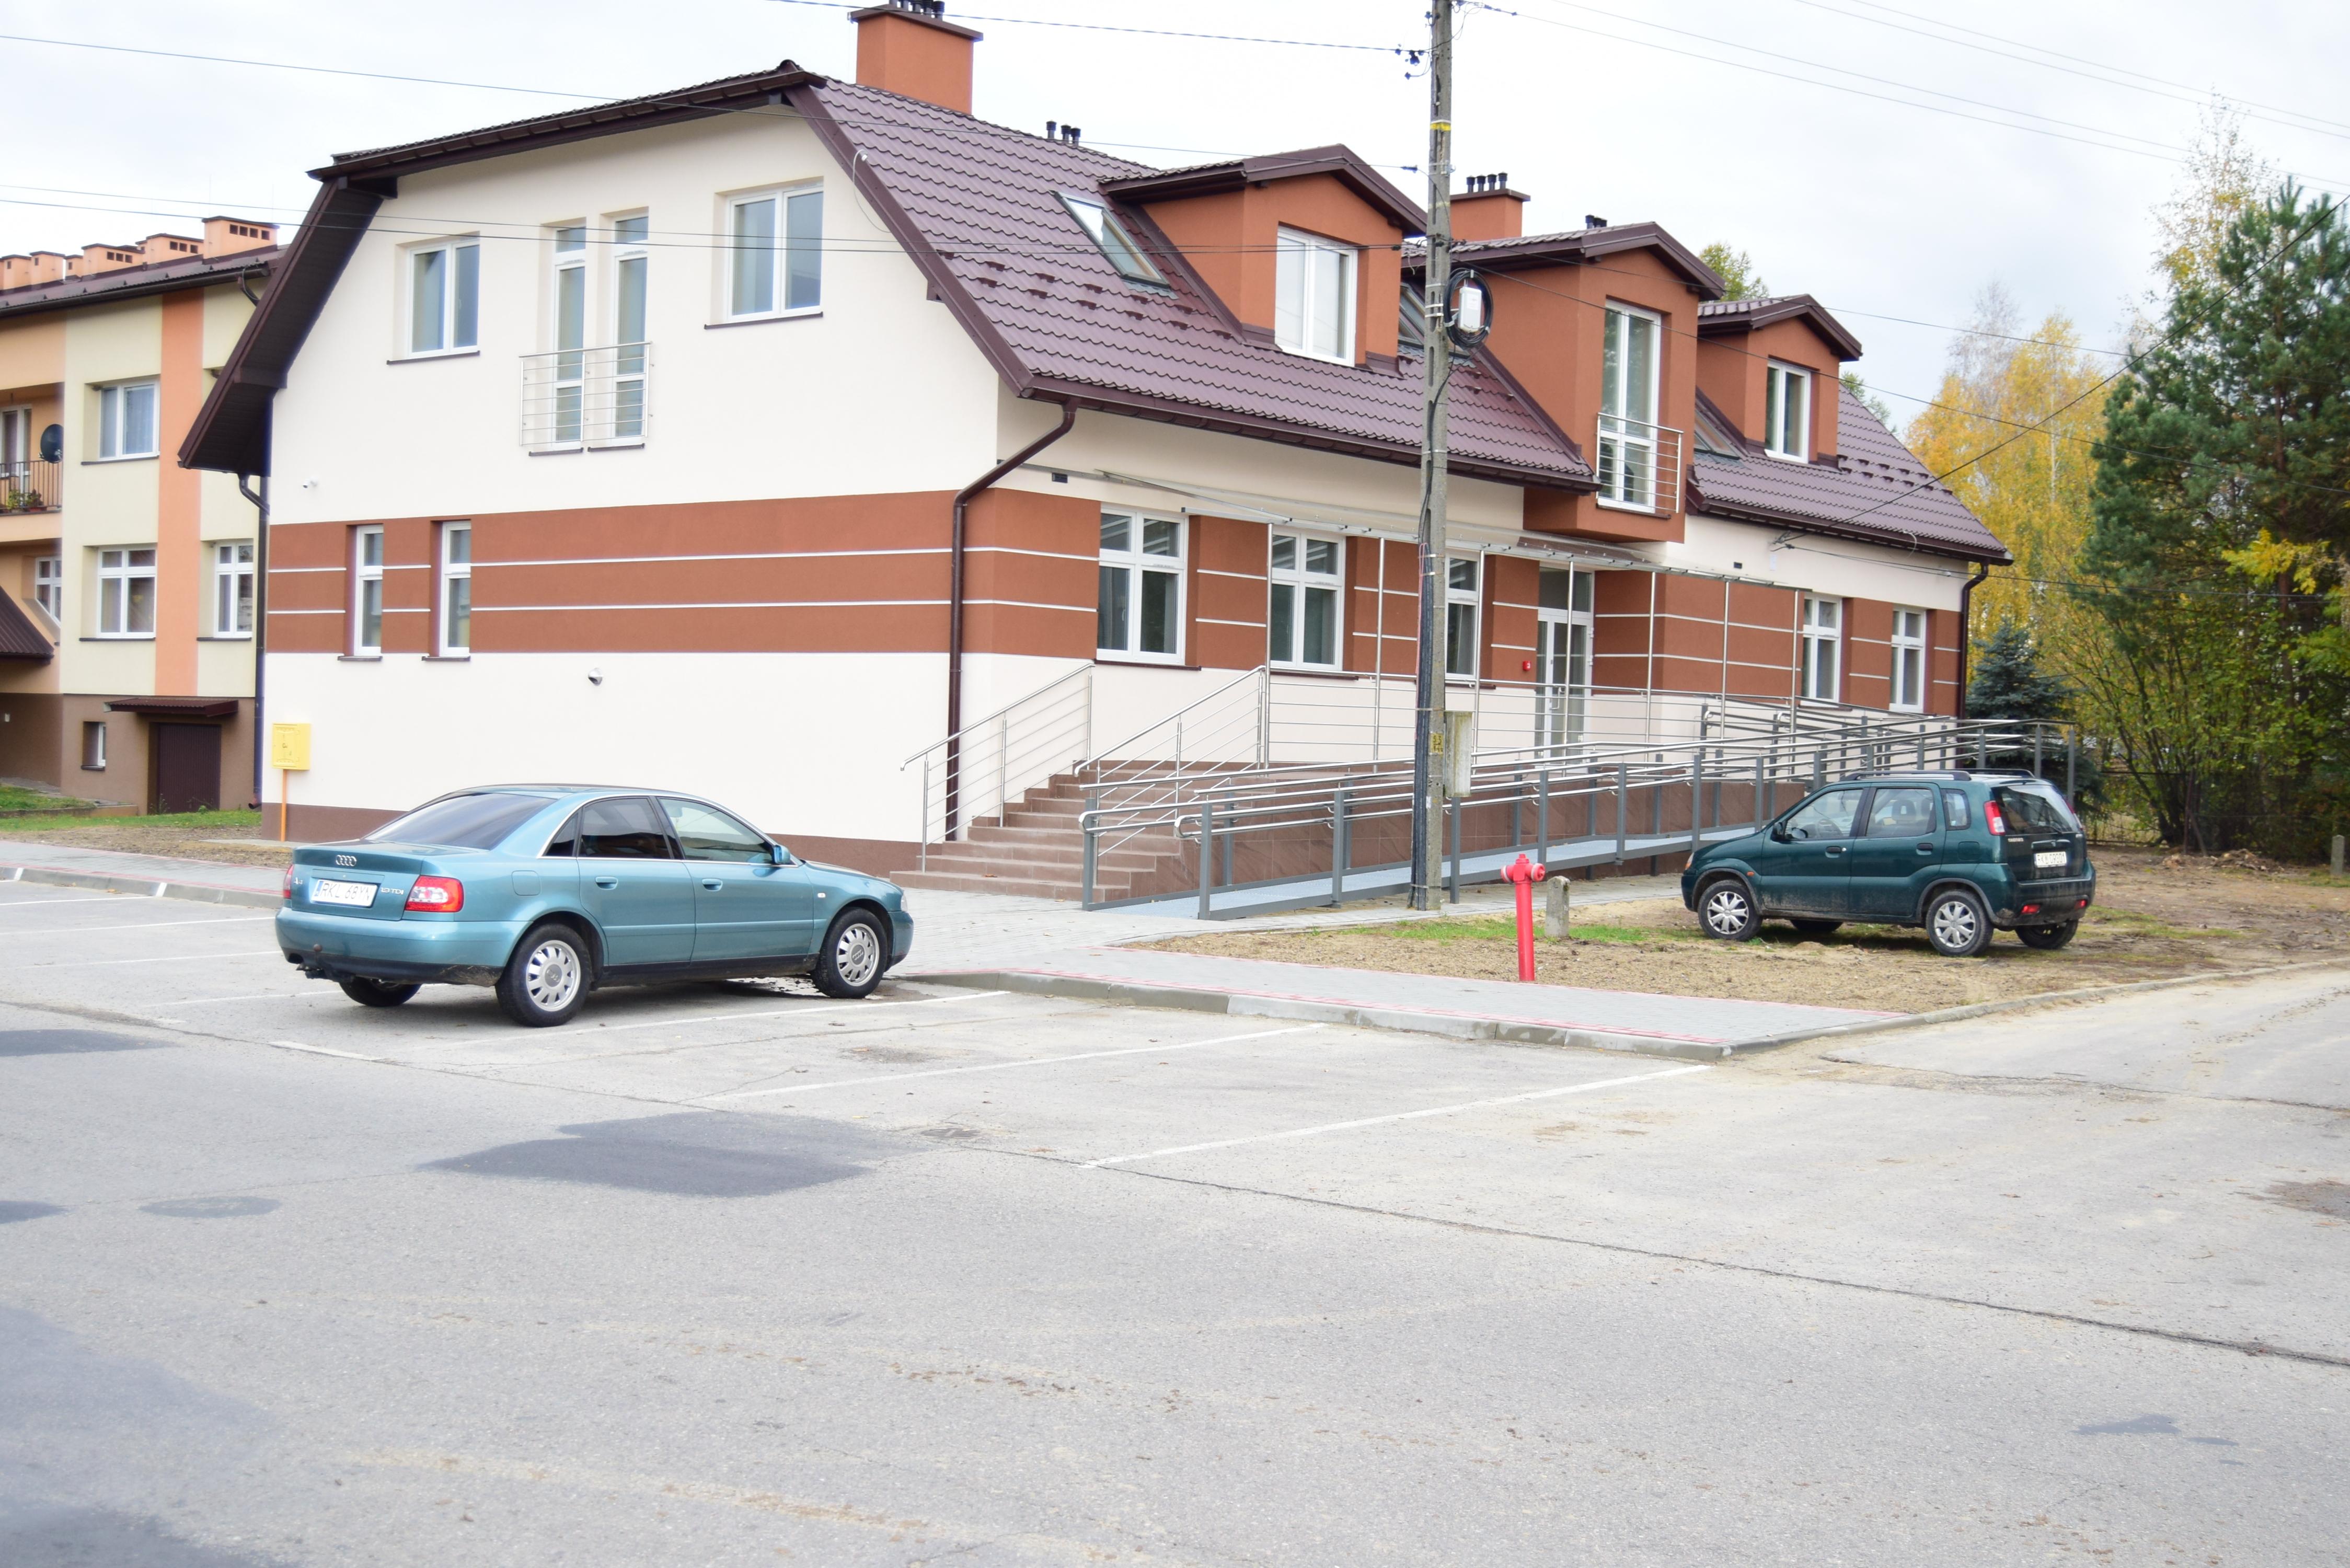 Ośrodek Zdrowia w Cmolasie nadal pusty. Gmina ponagla najemcę  - Zdjęcie główne